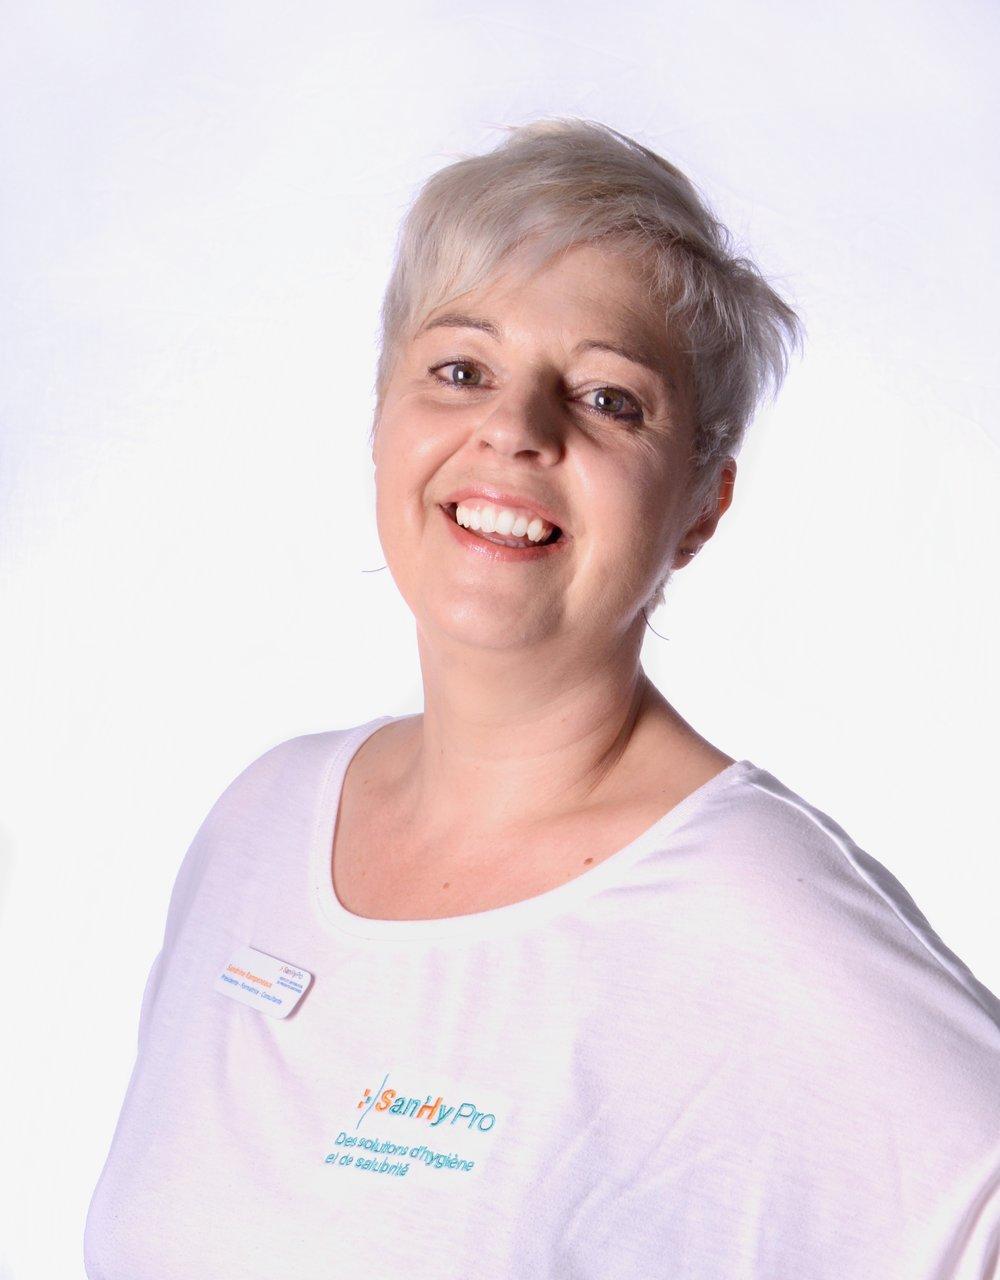 Notre formatrice - Arrivée de Bretagne en 1996, Sandrine Rampeneaux débarque en Gaspésie avec un diplôme en pharmacie et… toute la vie devant elle! En 2004, elle obtient un AEC en Contrôle de la qualité de l'École des pêches et de l'aquaculture du Québec.Grâce à de nombreuses activités de perfectionnement et à des formations de pointe dans le domaine de la santé des consommateurs et des travailleurs, son expertise est de plus en plus reconnue et recherchée.Pour cette visionnaire qui adore entreprendre et passer à l'action, la suite va de soi. Avant-gardiste, elle crée en 2006 San'hy consulte, un service de consultation et de formation en contrôle de la qualité et sécurité alimentaire. En devançant la règlementation du MAPAQ, qui ne rendra la formation en hygiène et salubrité alimentaire obligatoire que quelques années plus tard, elle fait figure de pionnière dans l'Est-du-Québec et se positionne avantageusement dans l'industrie.En 2010, une deuxième division, San'hy Pro, voit le jour, autour d'un créneau complémentaire, la distribution d'équipements et de produits de nettoyage. Avec l'ajout, en 2016, de services de main-d'oeuvre spécialisée pour le nettoyage et le contrôlequalité, l'offre intégrée de San'hy Pro et San'hy consulte est complète et unique au Québec.Aujourd'hui à la tête d'une entreprise en pleine expansion comptant une vingtaine d'employés, avec des clients partout au Québec et au Nouveau-Brunswick, Sandrine vient d'agrandir son bâtiment de Port-Daniel-Gascons et travaille à l'obtentiondu processus ISO 9001.